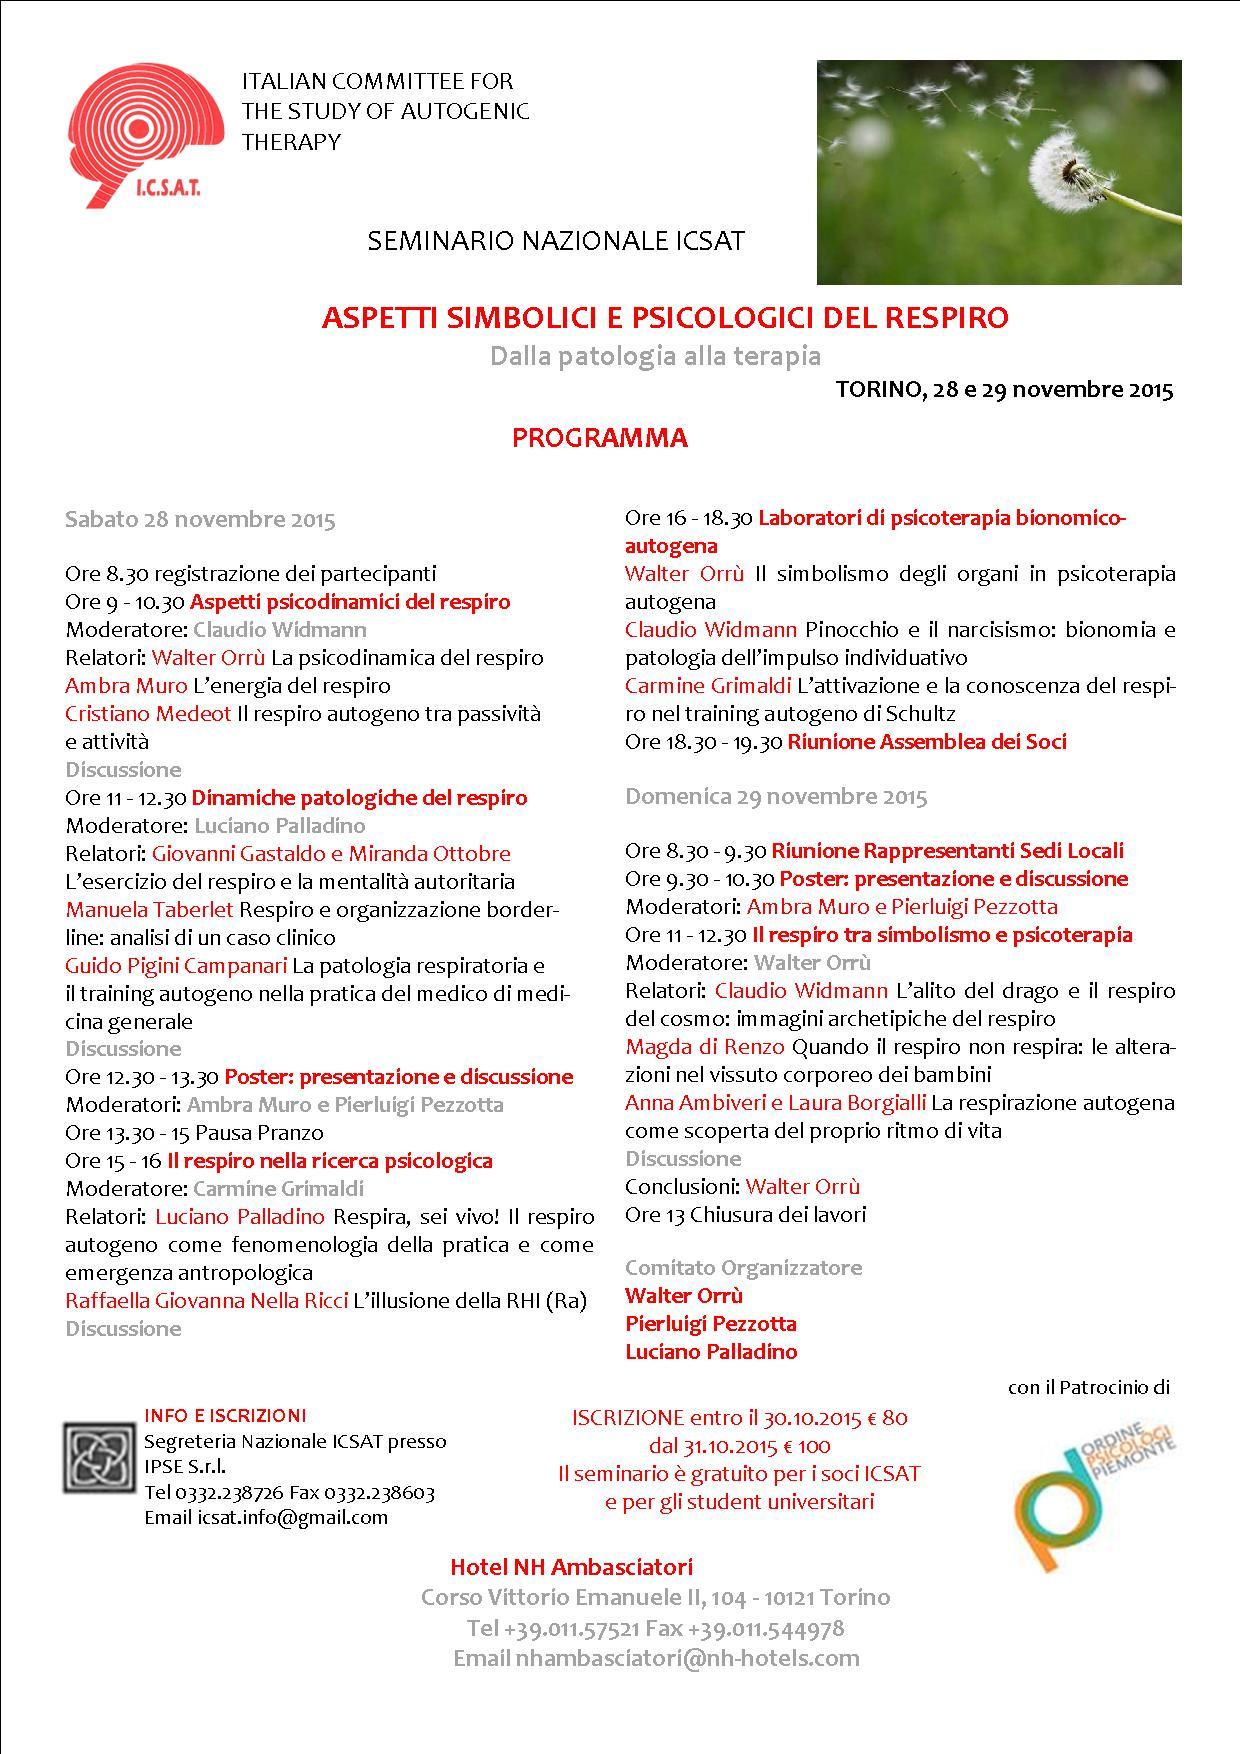 """28/29.11.15 Torino, """"Aspetti simbolici e psicologici del respiro"""""""